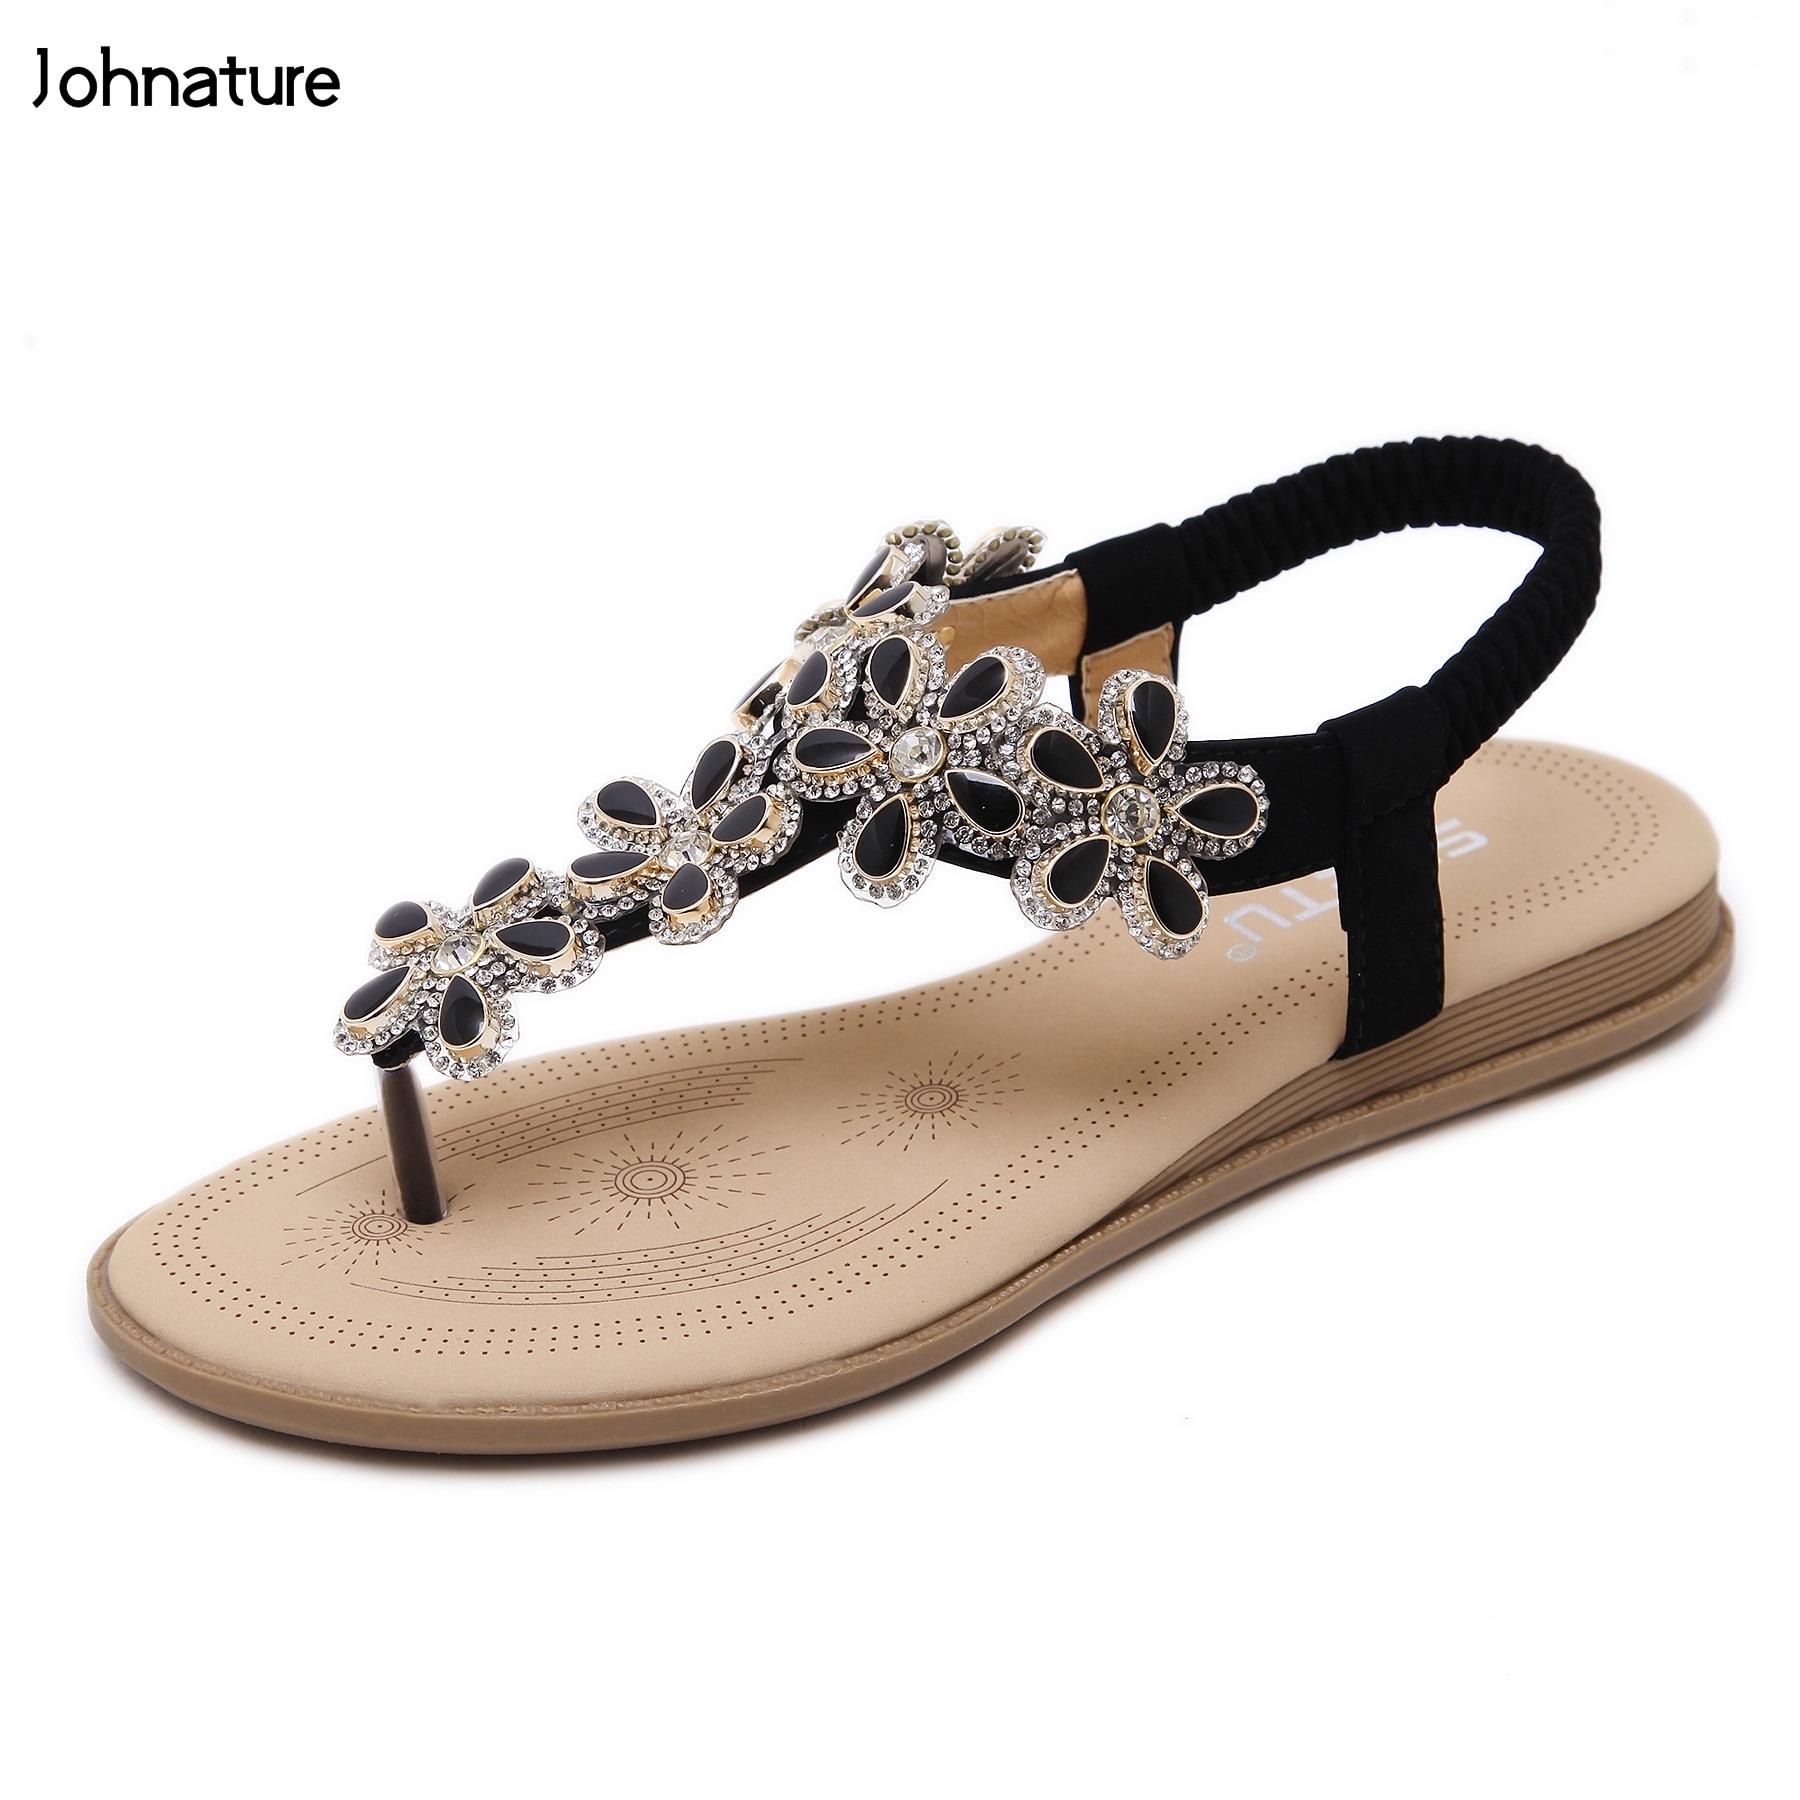 Новинка 2019 года; повседневные летние сандалии с эластичными лентами в этническом стиле; женская обувь на плоской подошве с ремешком сзади в